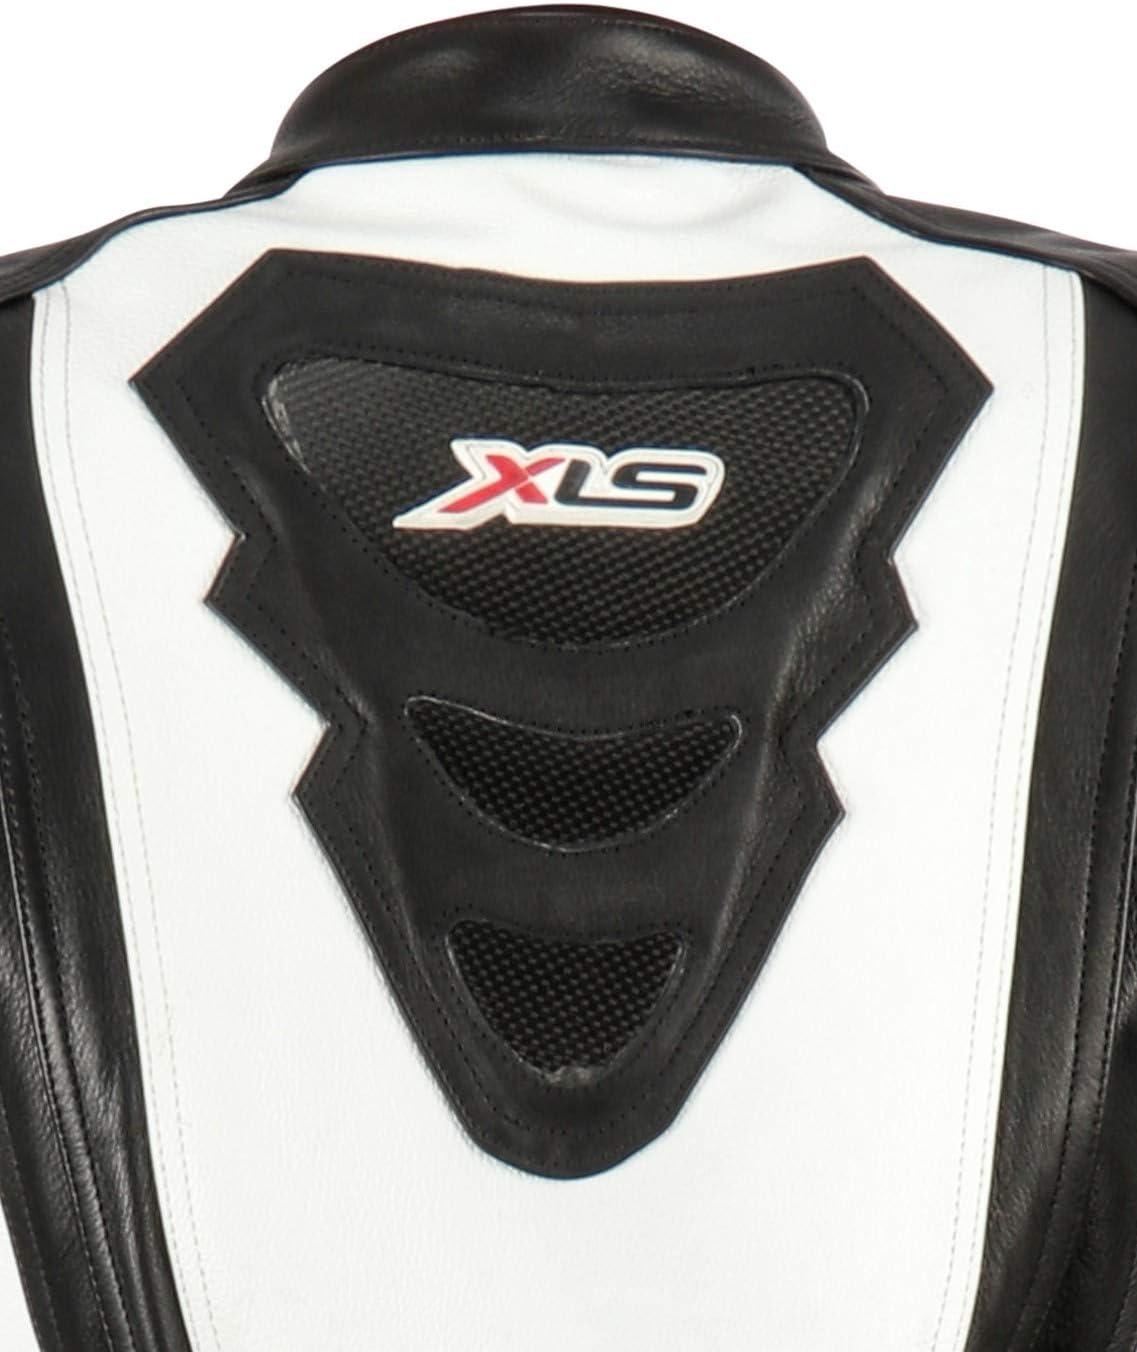 58 XLS Lederkombi Zweiteiler Motorradkombi schwarz wei/ß zweiteilig